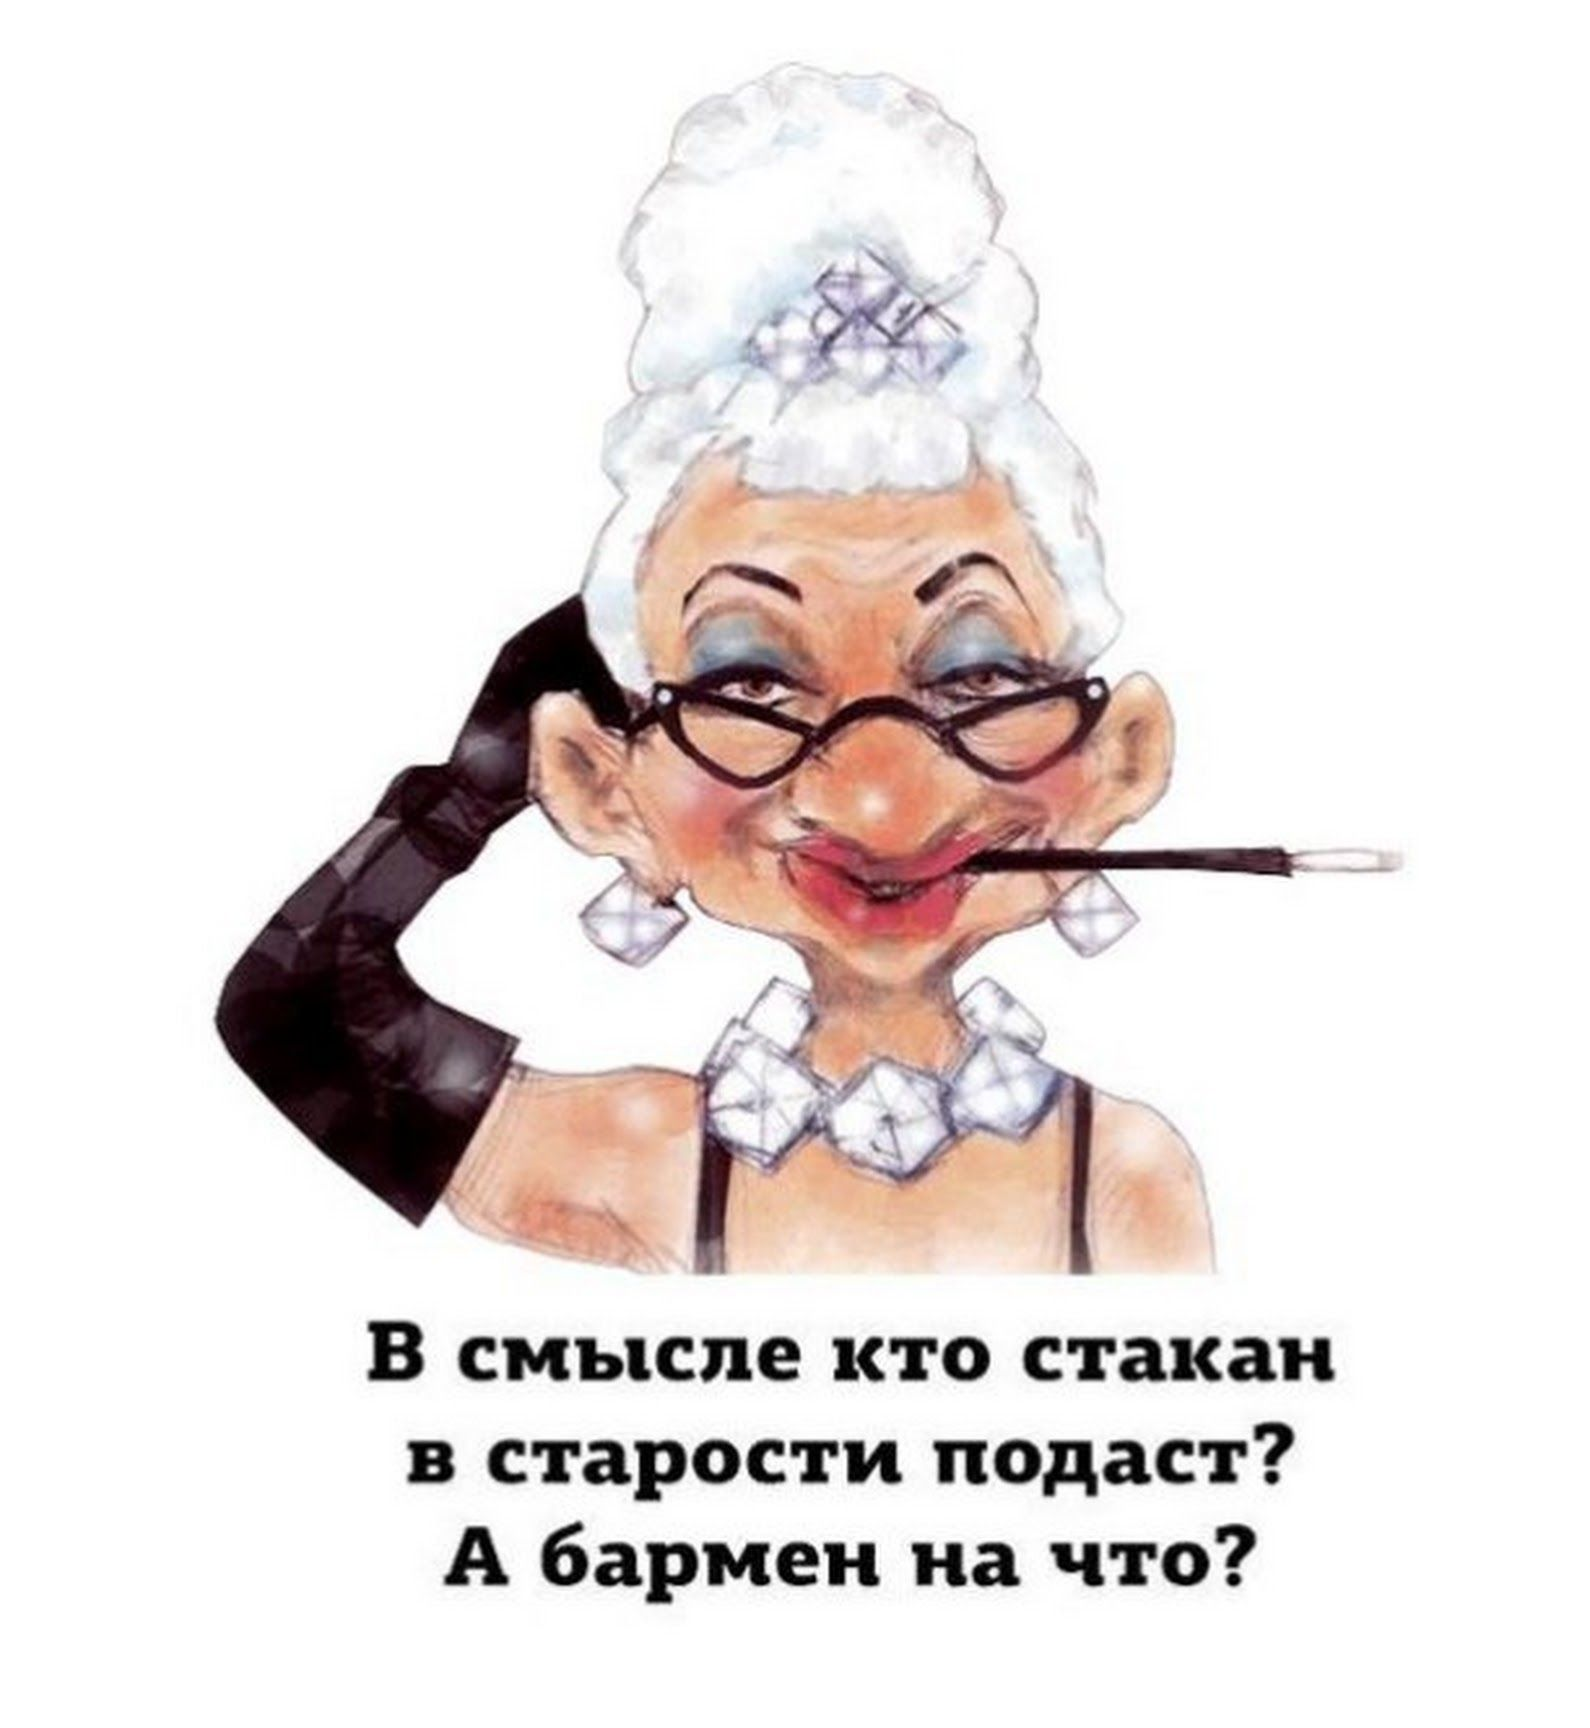 Смешные картинки с надписями про бабушку, для